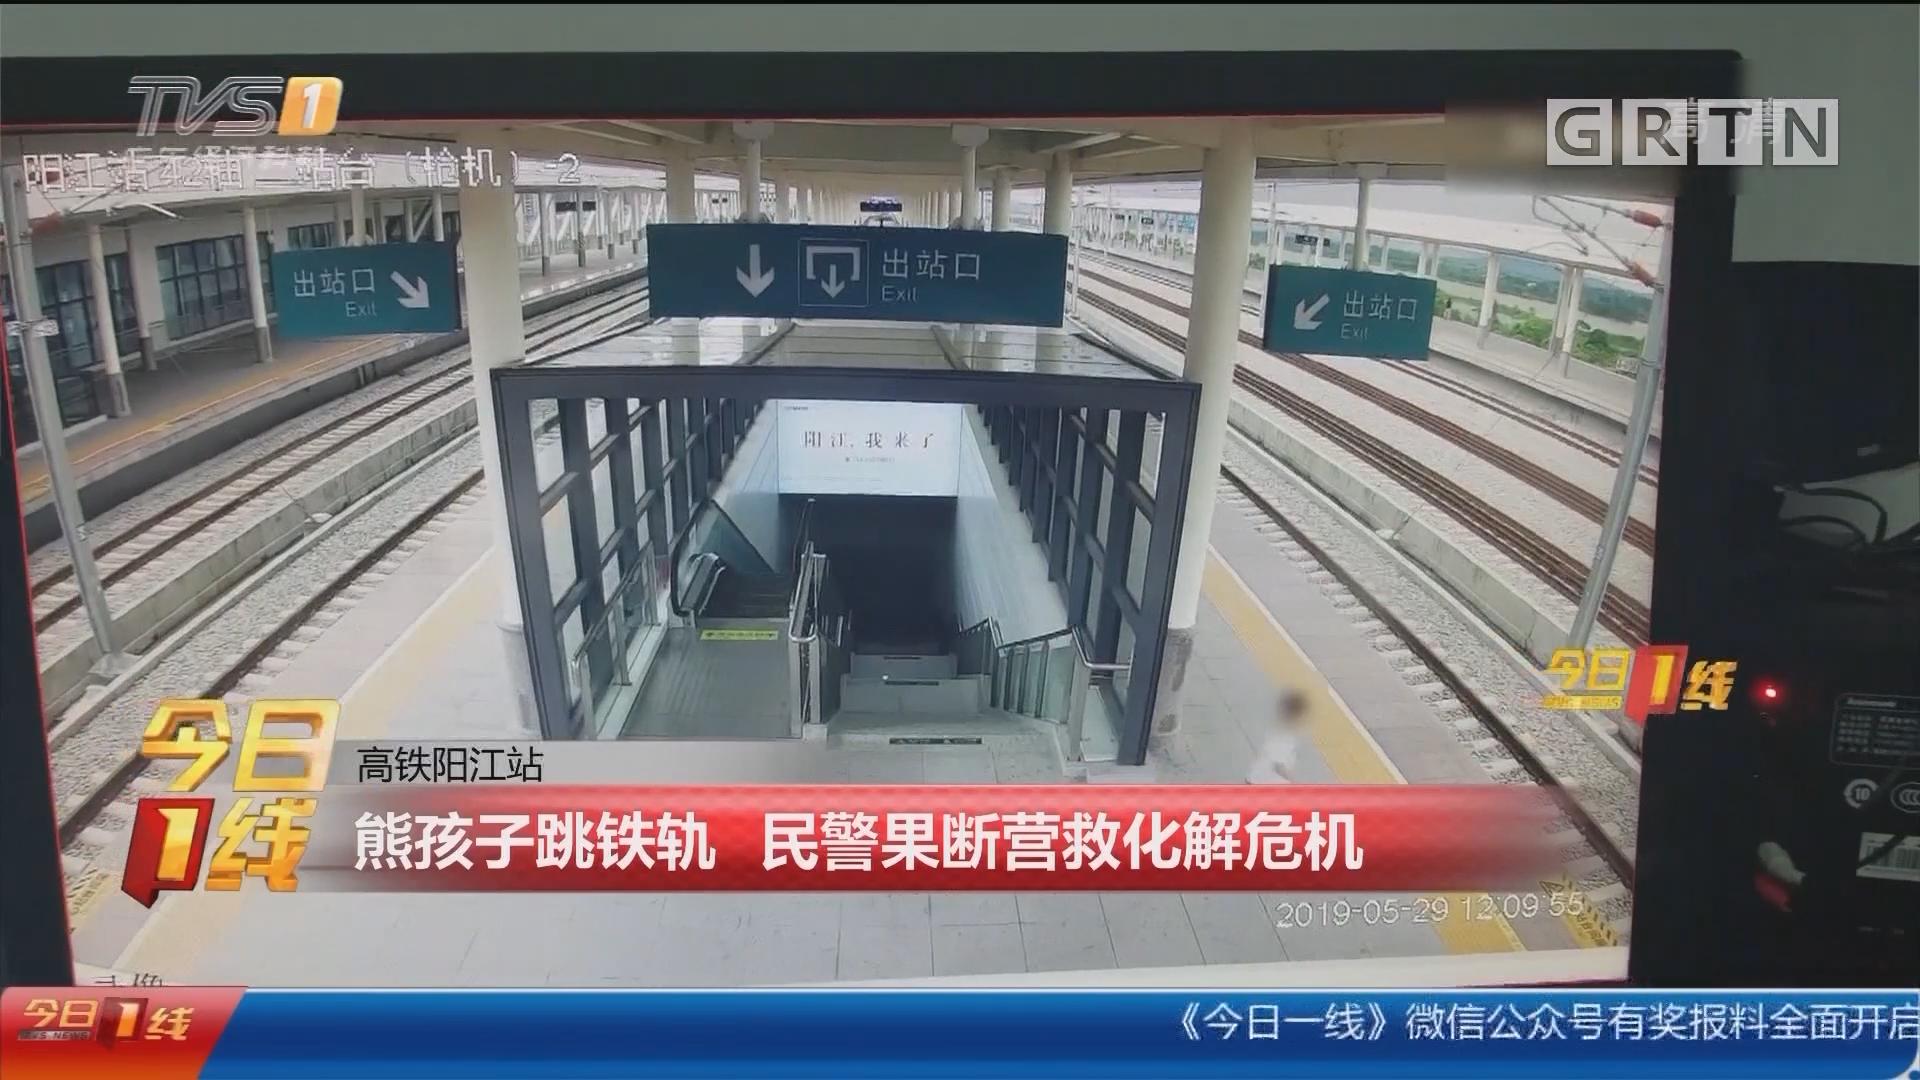 高铁阳江站:熊孩子跳铁轨 民警果断营救化解危机